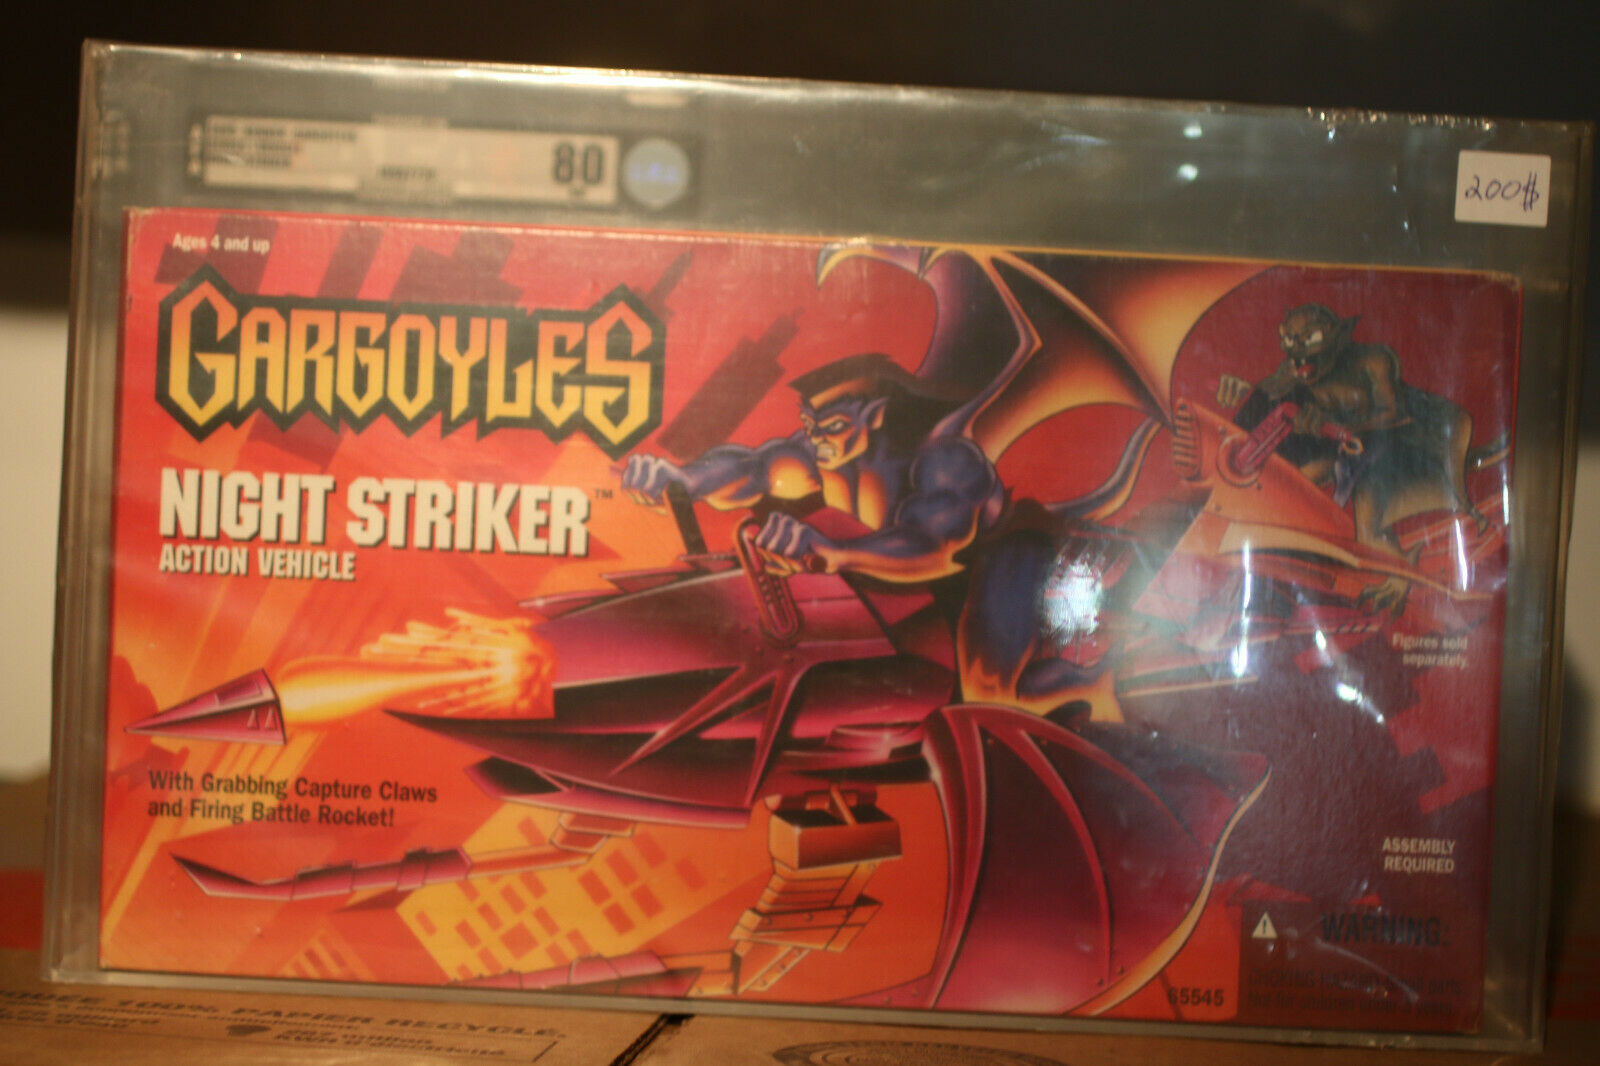 Para tu estilo de juego a los precios más baratos. Vehículo de Acción Striker 1995 gárgolas Noche en Caja Caja Caja Sellada AFA 80 casi como nuevo  Seleccione de las marcas más nuevas como